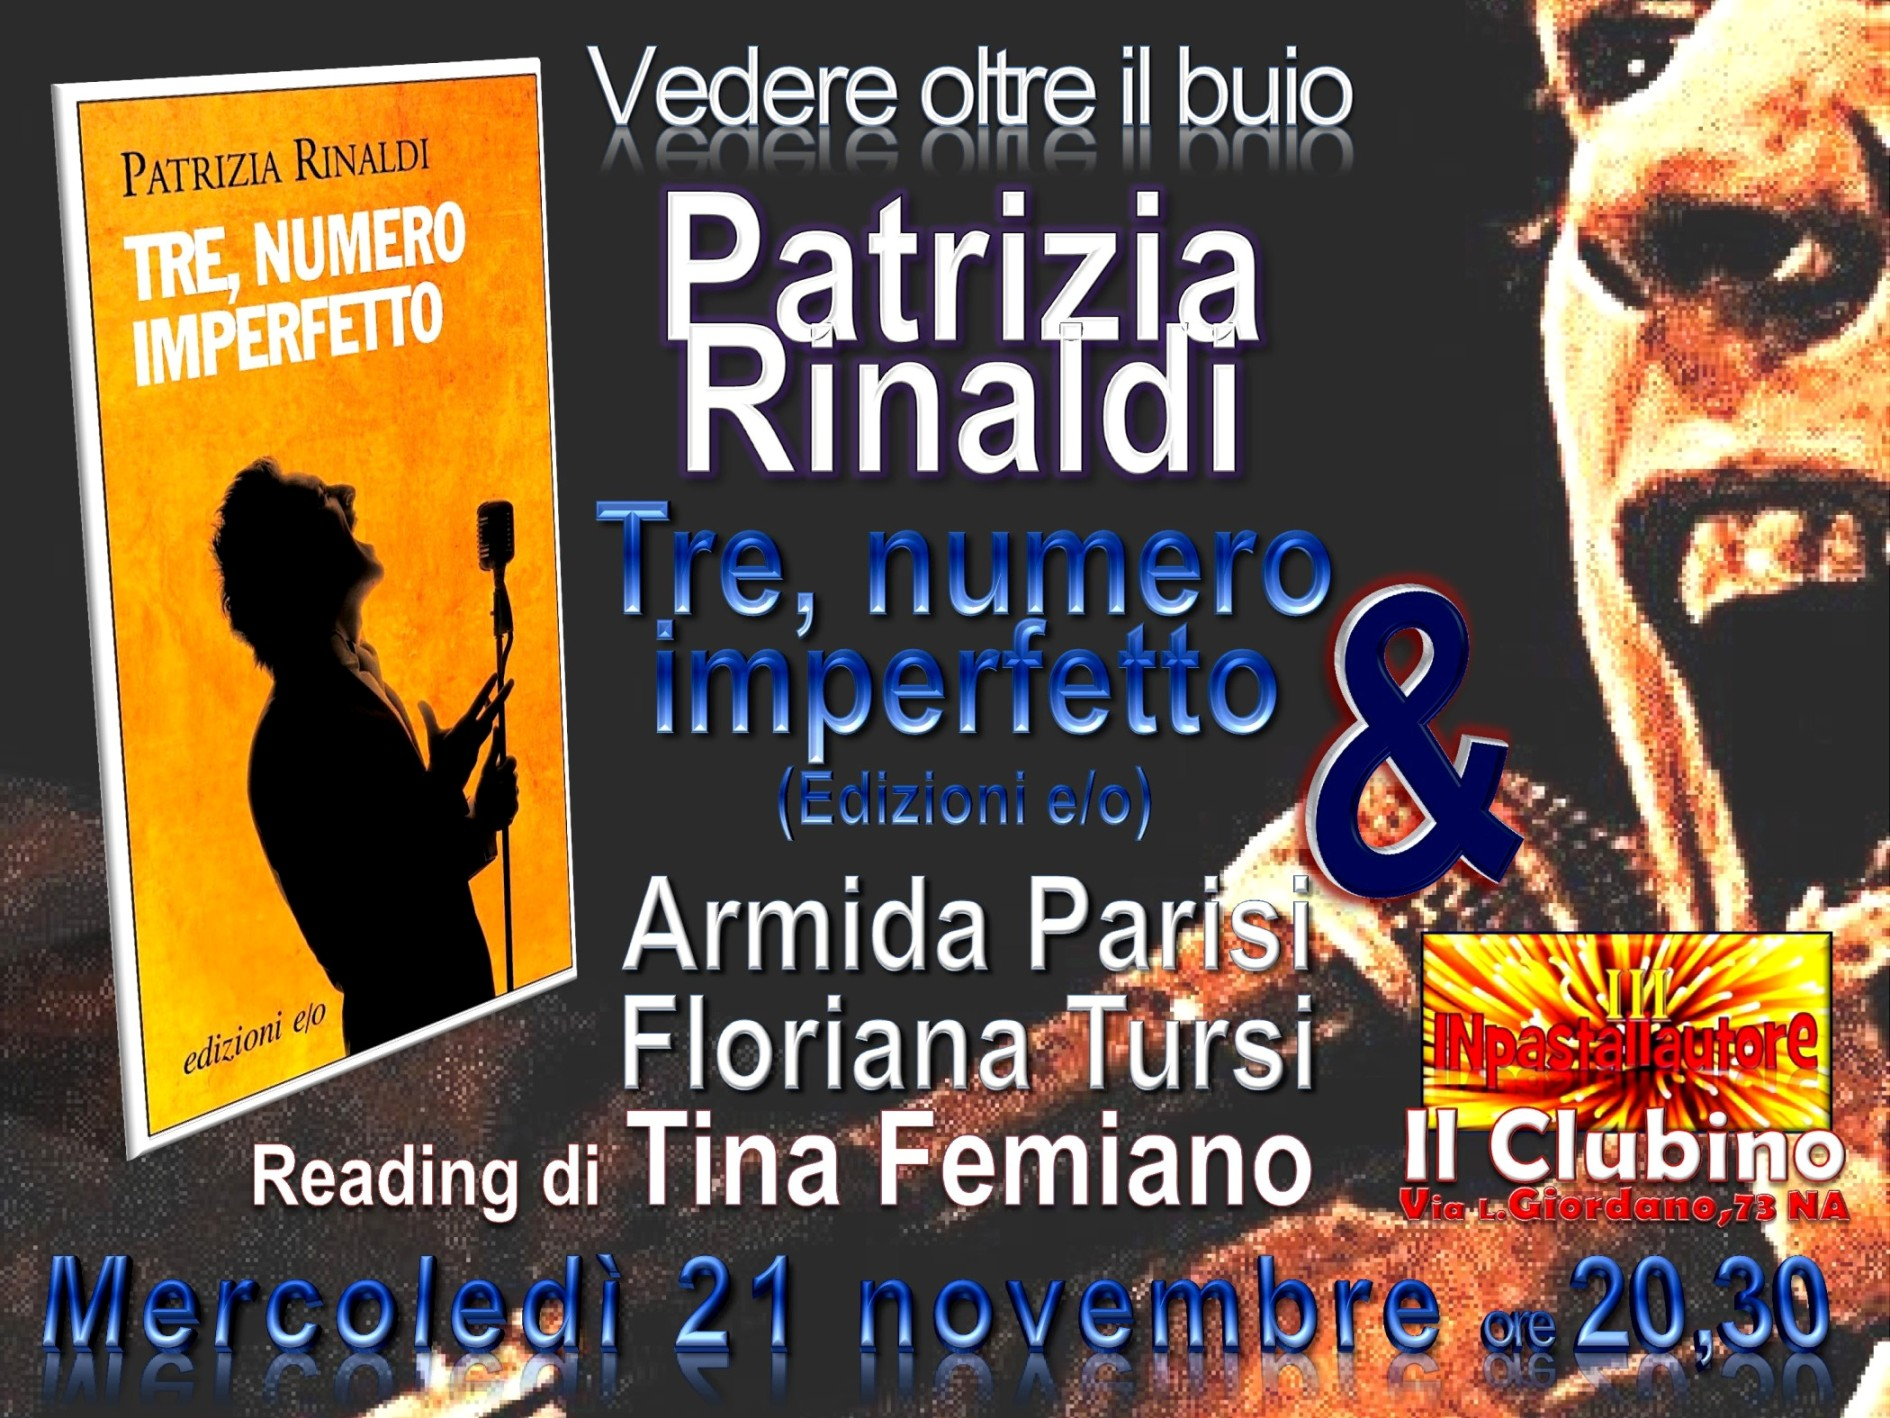 Vedere oltre il buio: il 21 novembre Patrizia Rinaldi è a Inpastallautore